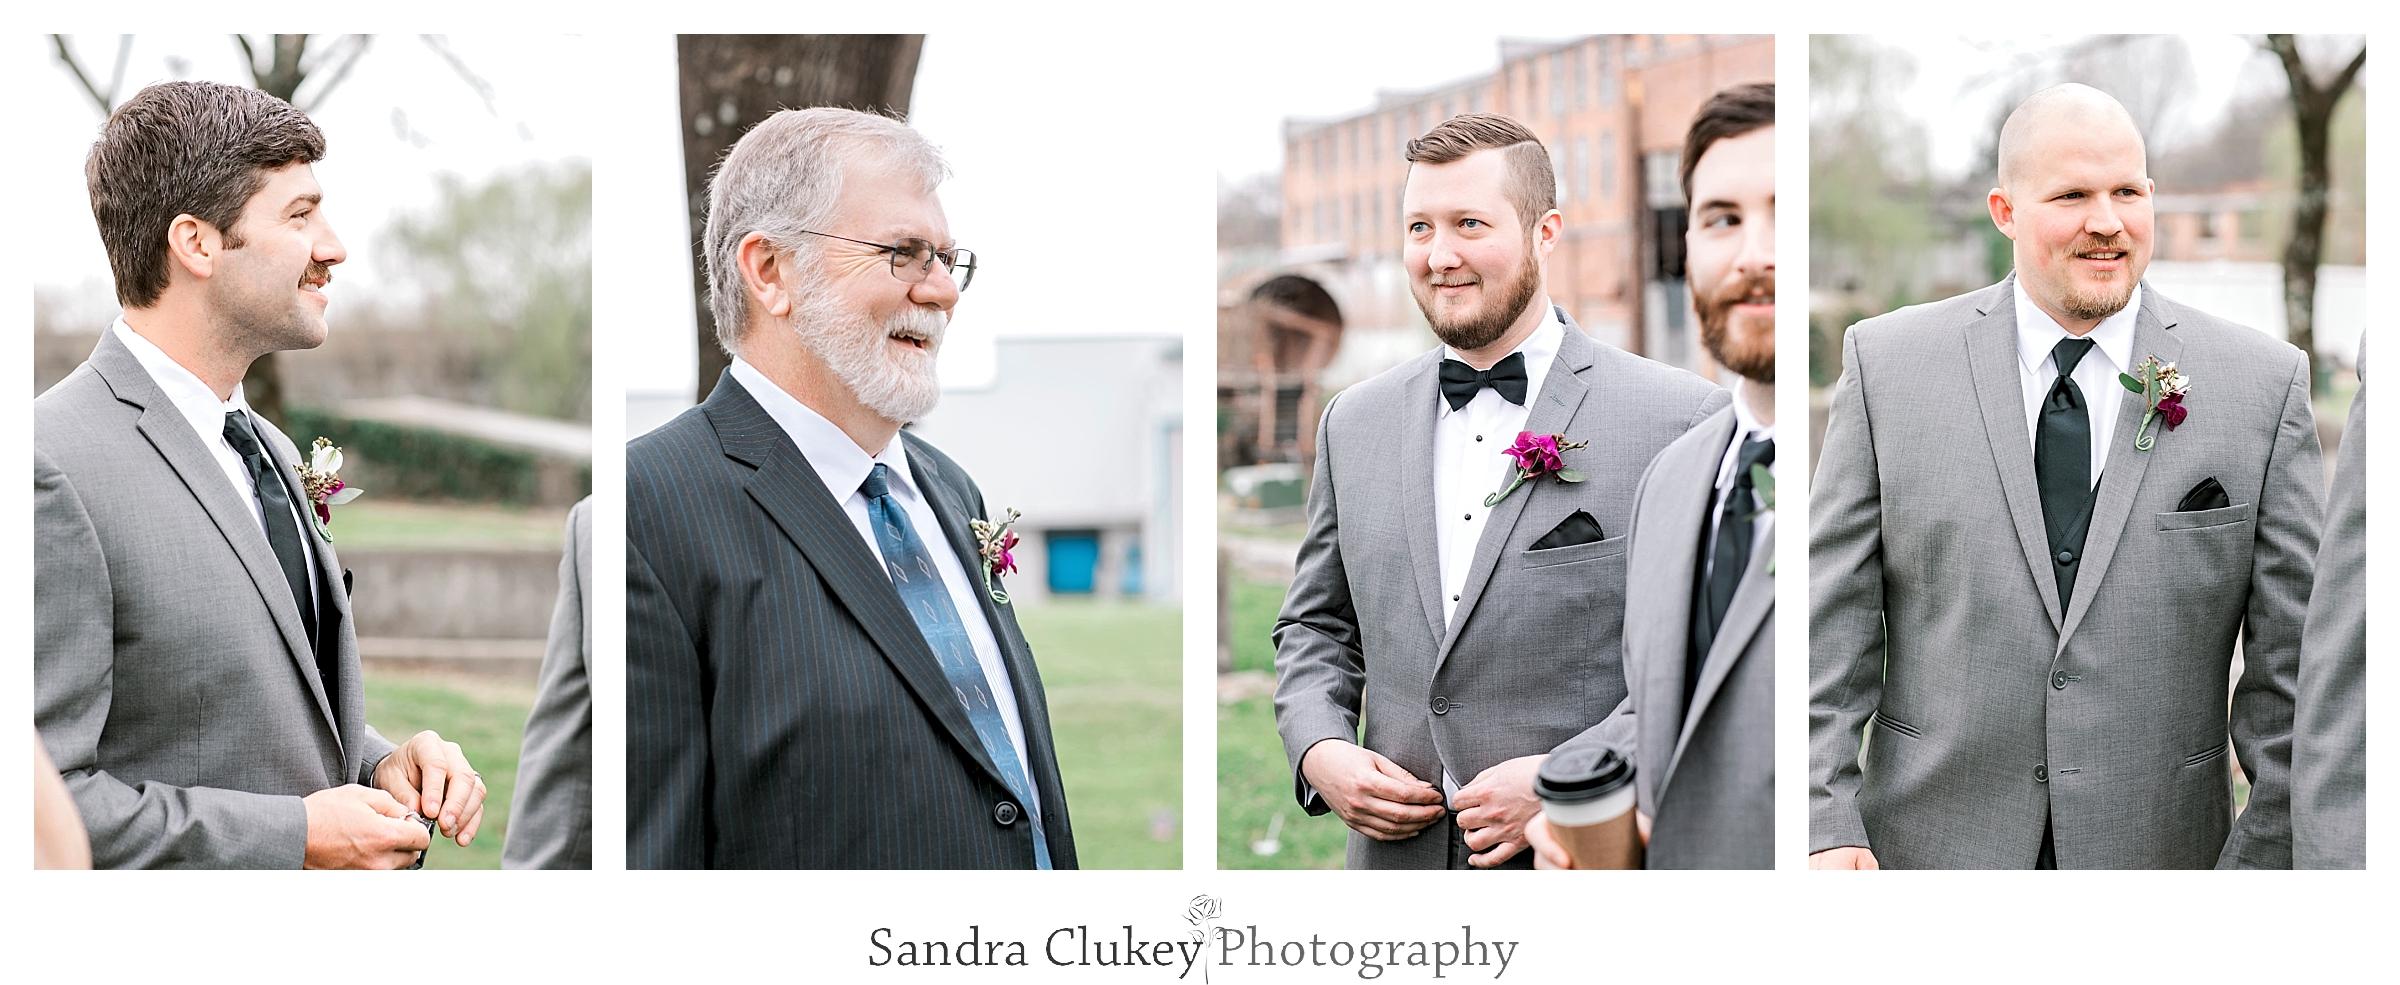 Sandra Clukey Photography_1492.jpg